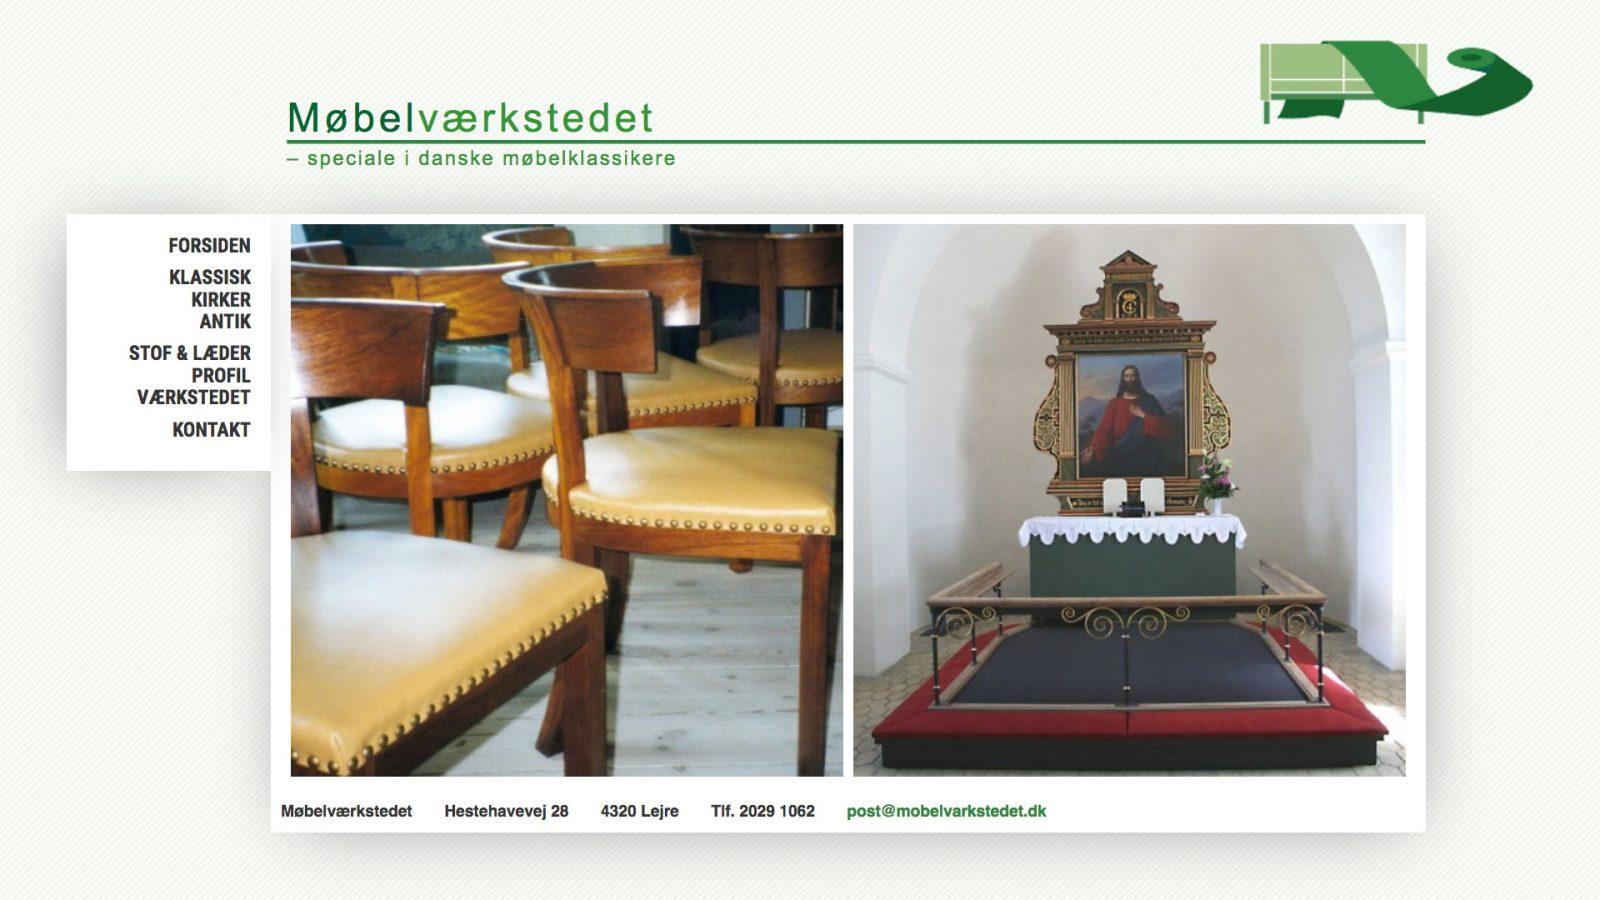 mobelvarkstedet.dk - desktop version